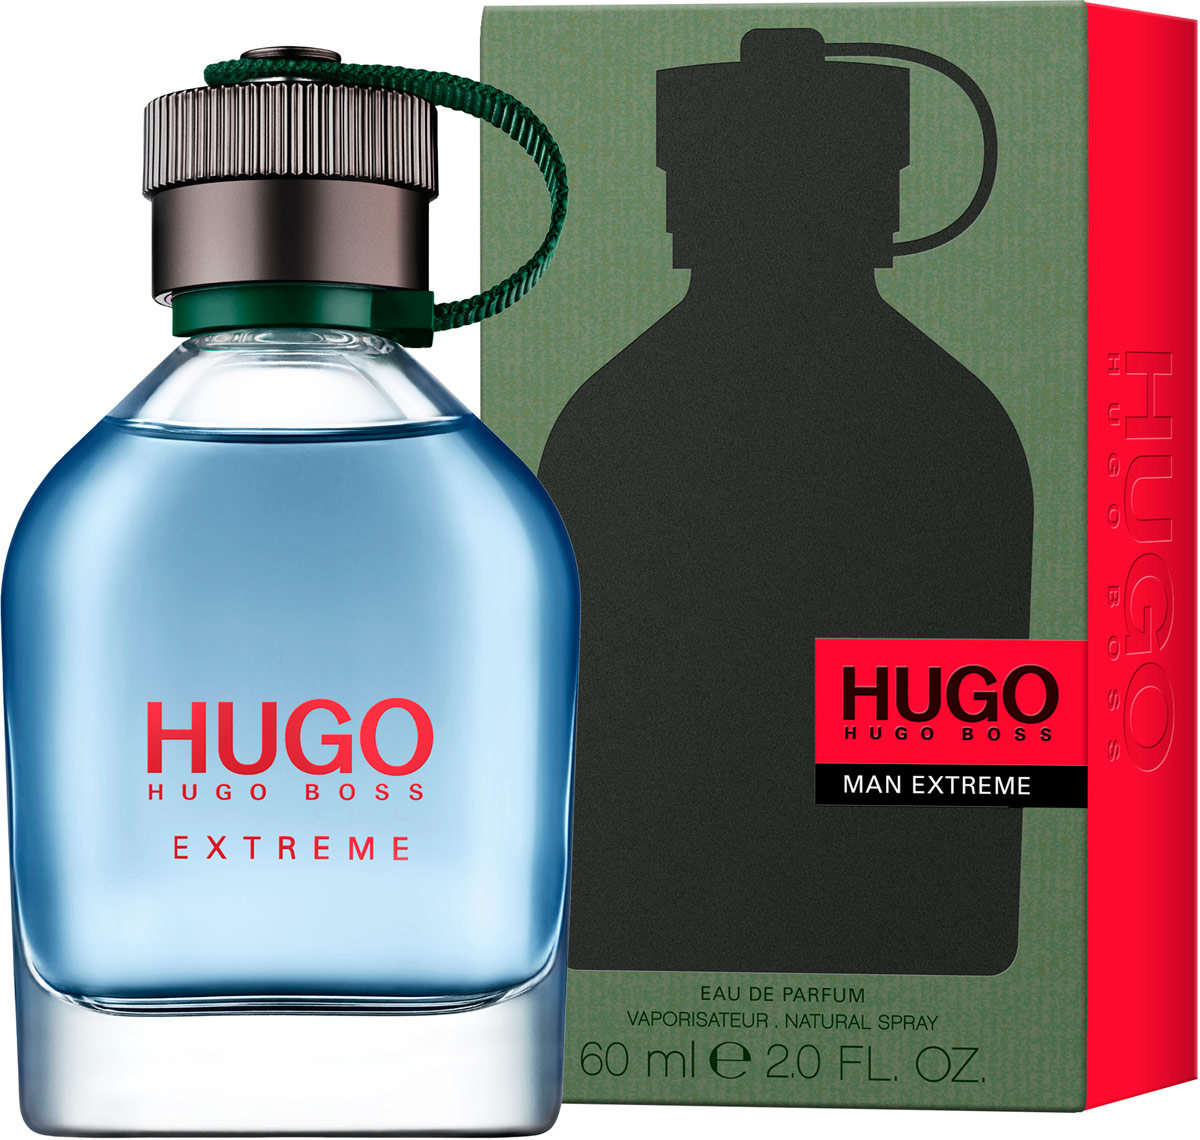 Hugo Boss Man Extreme парфюмерная вода 60 мл купить в интернет